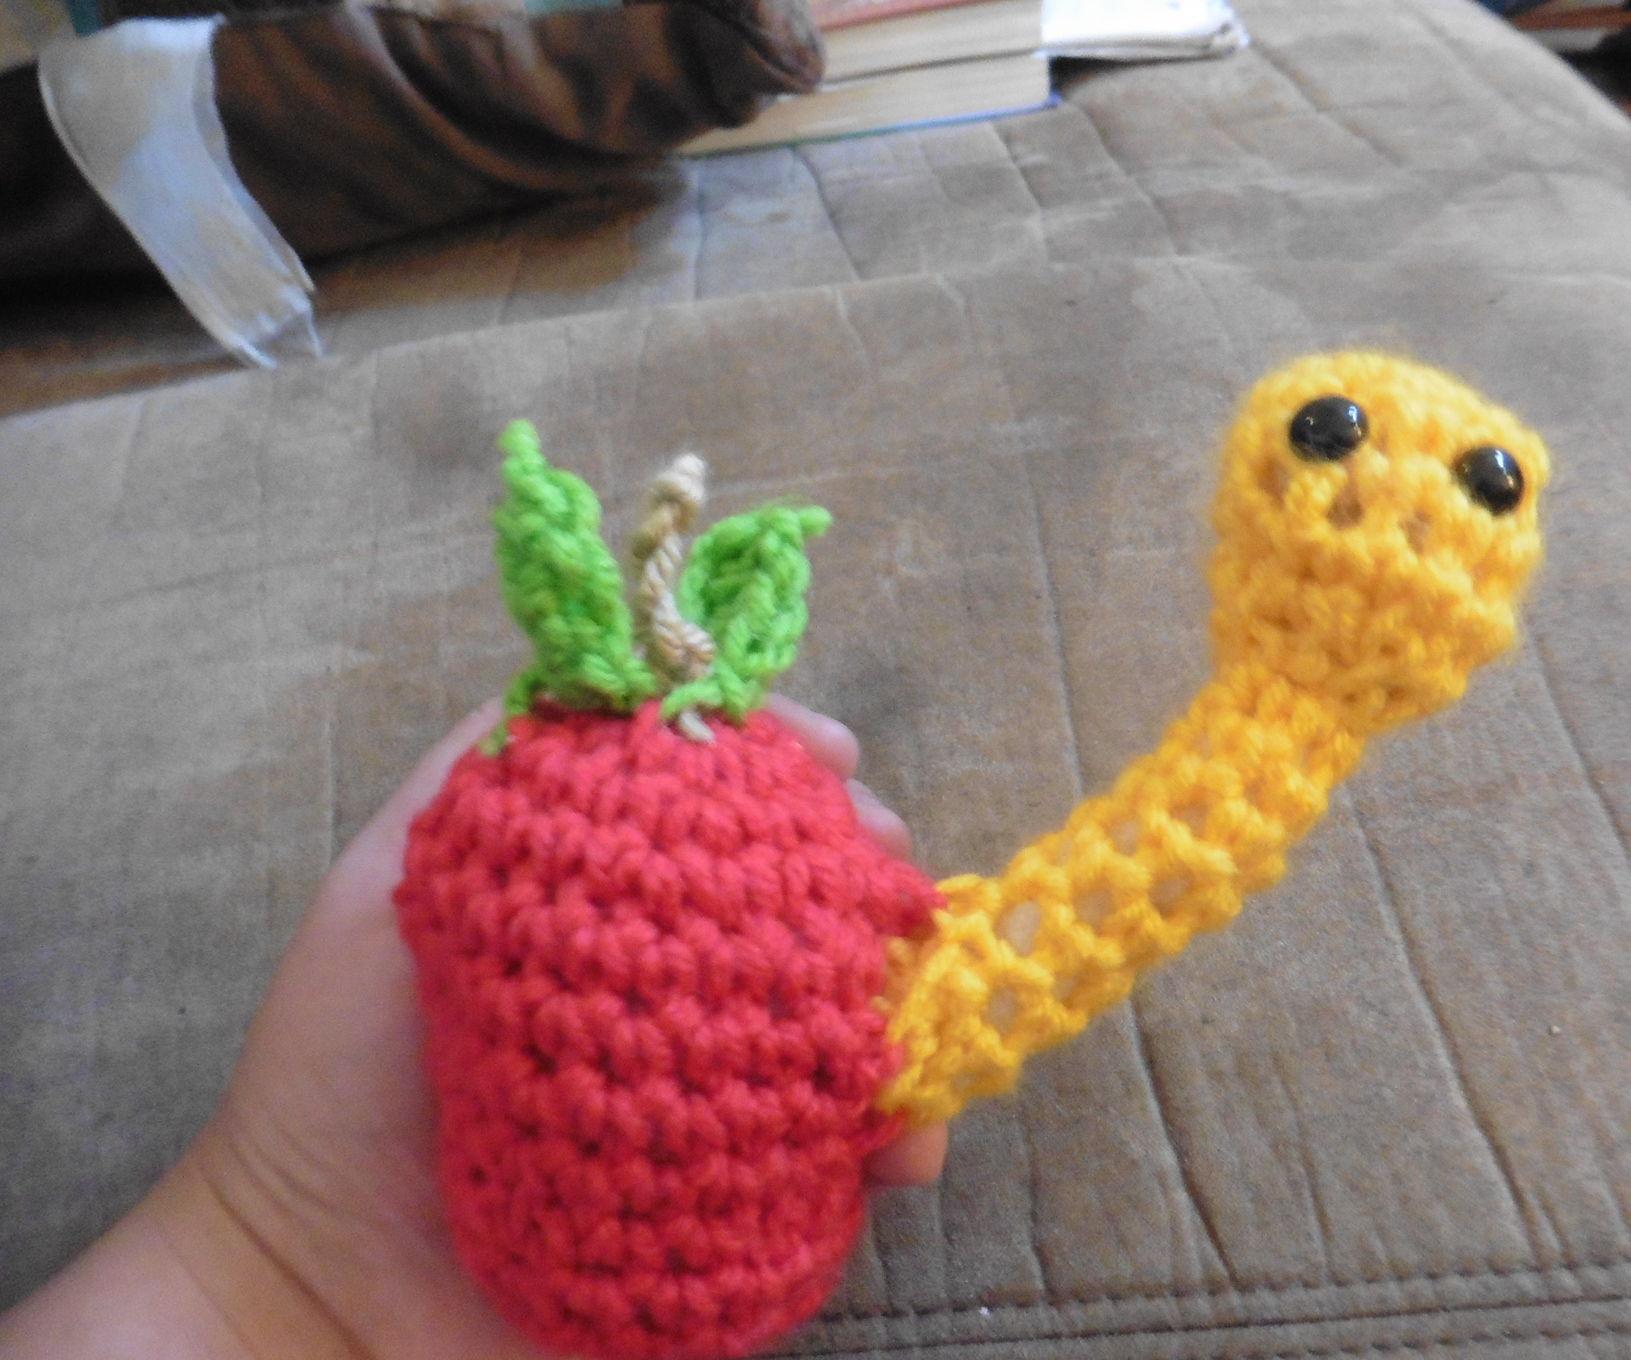 Crochet Worm in an Apple